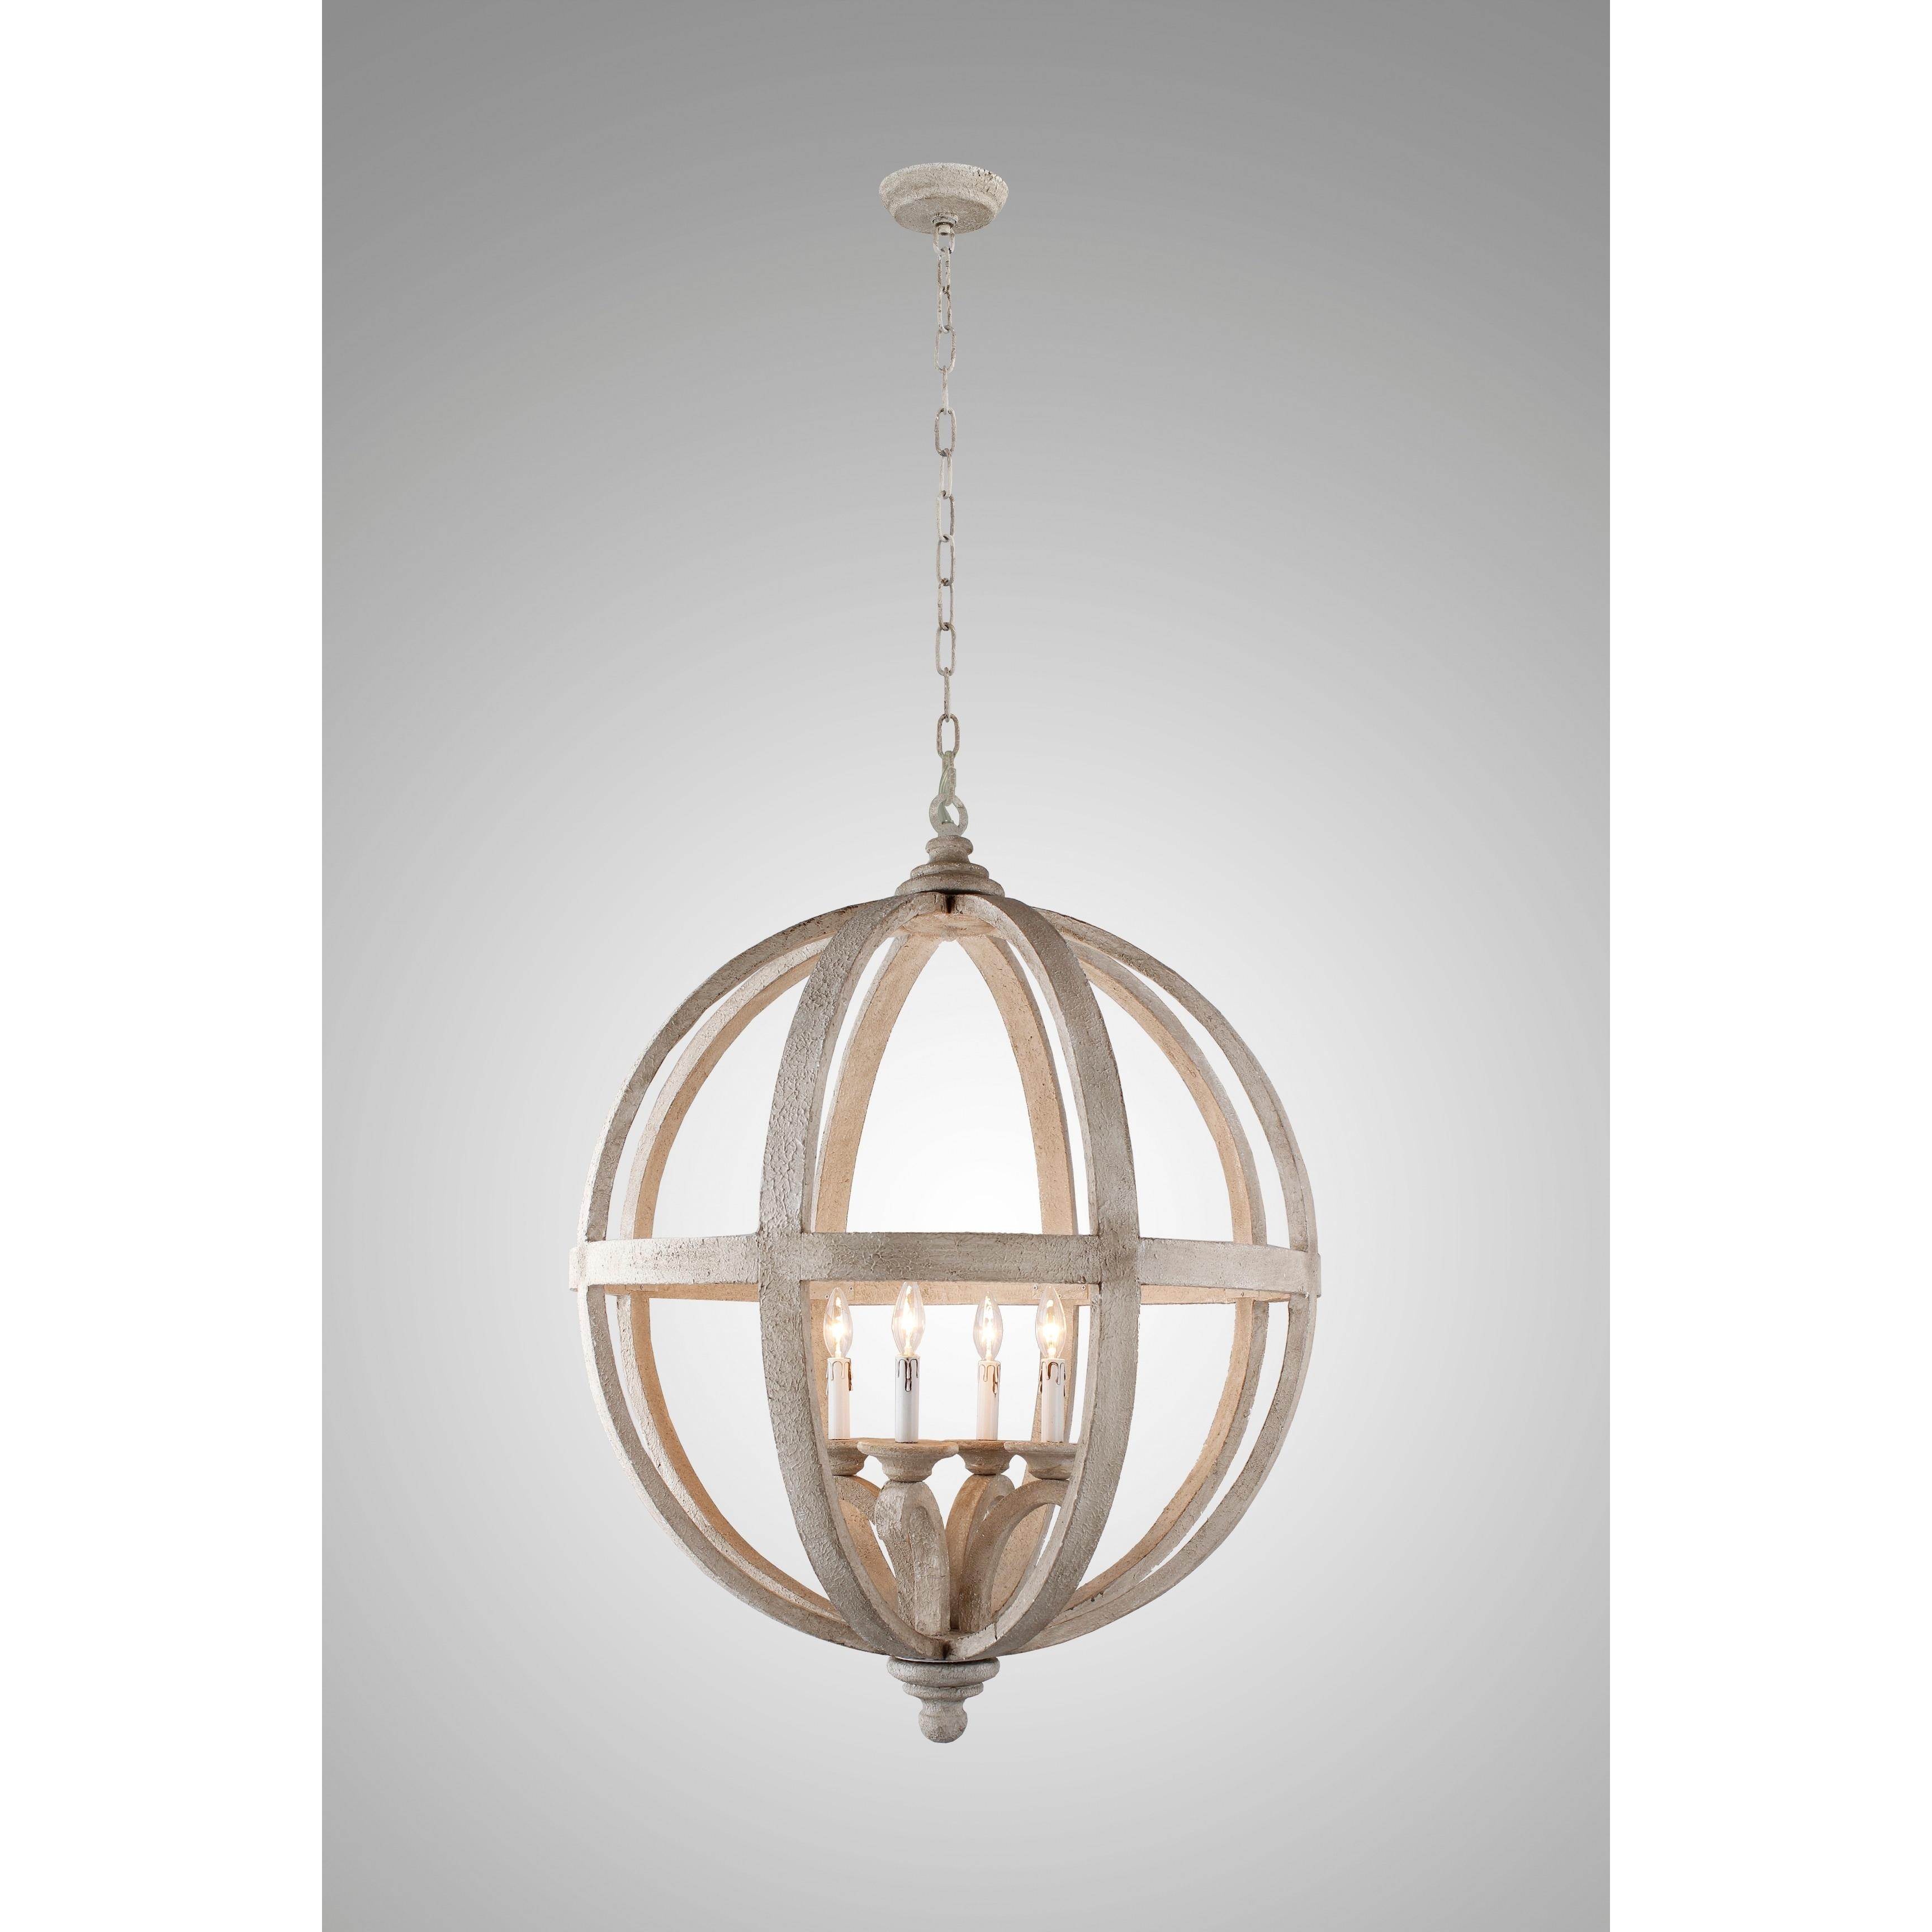 Y decor hercules 4 light chandelier in wooden globe frame neutral